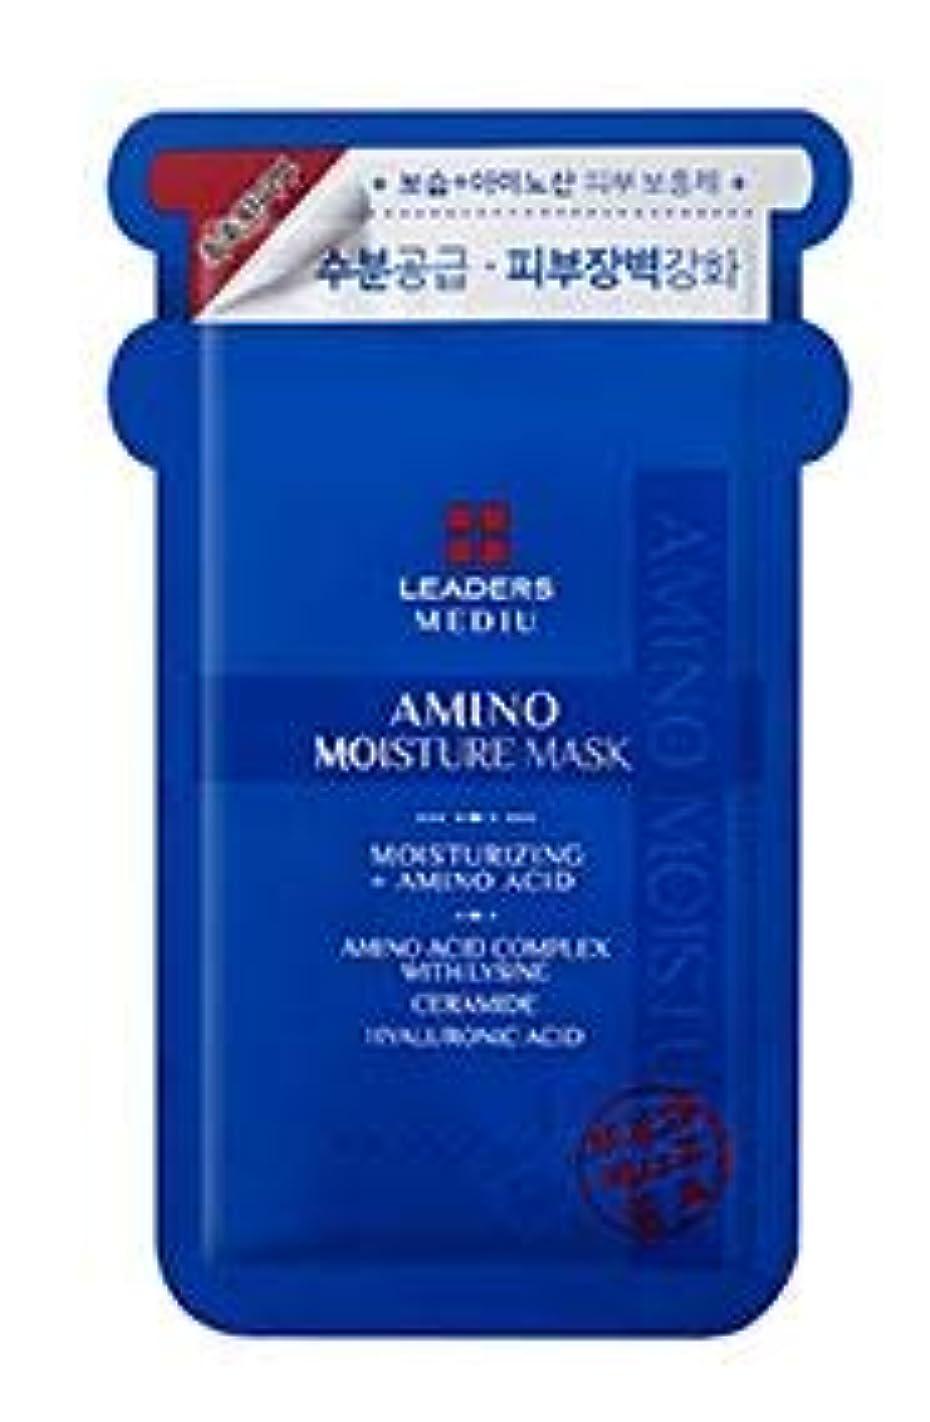 瞳該当する珍しい[LEADERS] MEDIU Amino Moisture Mask 25ml*10ea / リーダースアミノモイスチャーマスク 25ml*10枚 [並行輸入品]